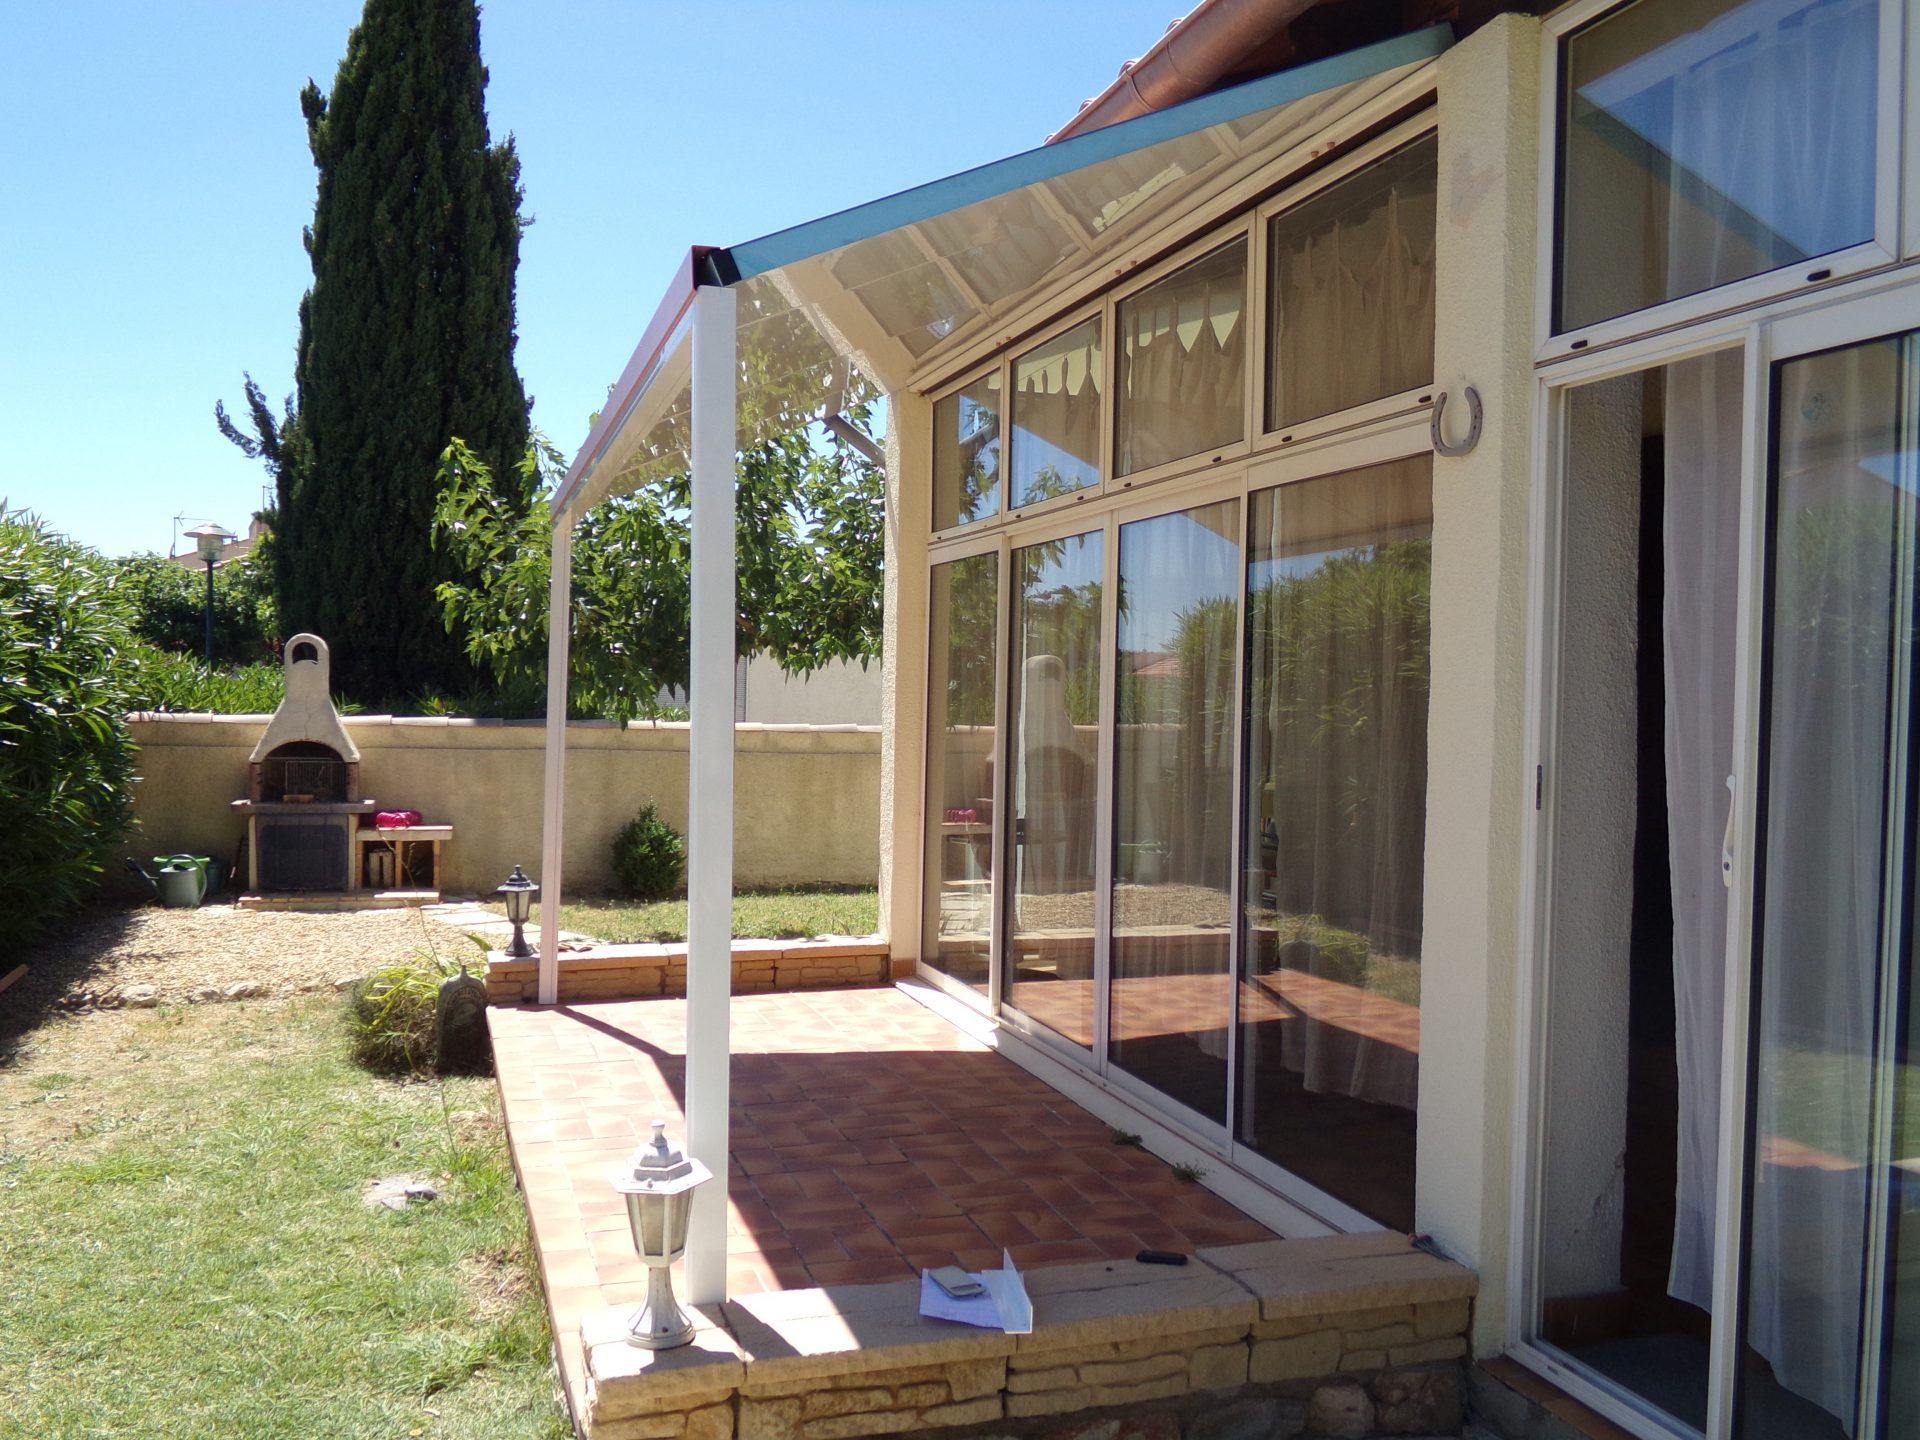 abri de terrasse toit pour terrasses bel abri fabricant fran ais. Black Bedroom Furniture Sets. Home Design Ideas